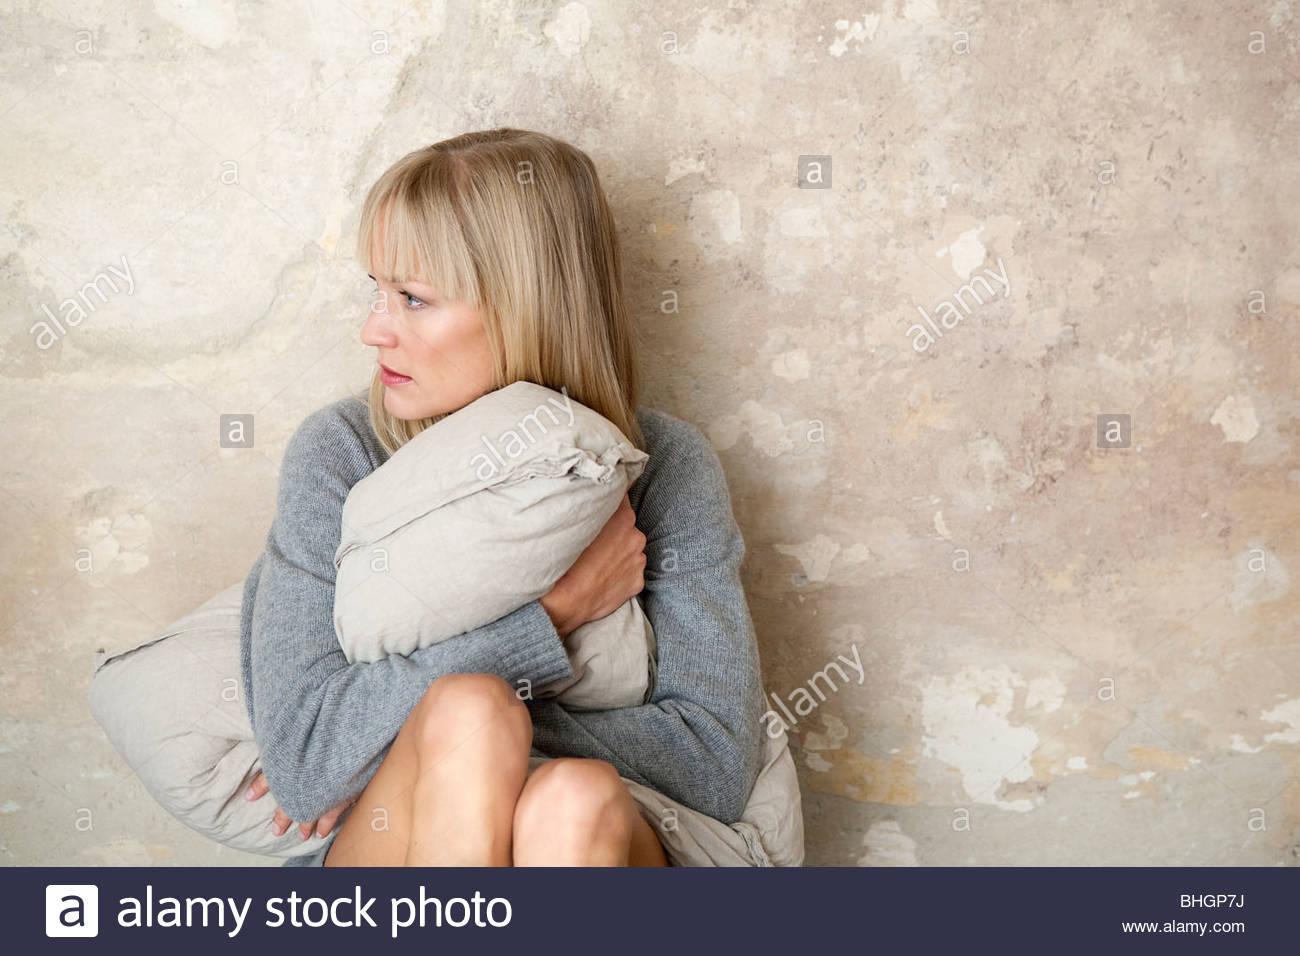 Frau sitzt am Boden mit Kissen Stockbild